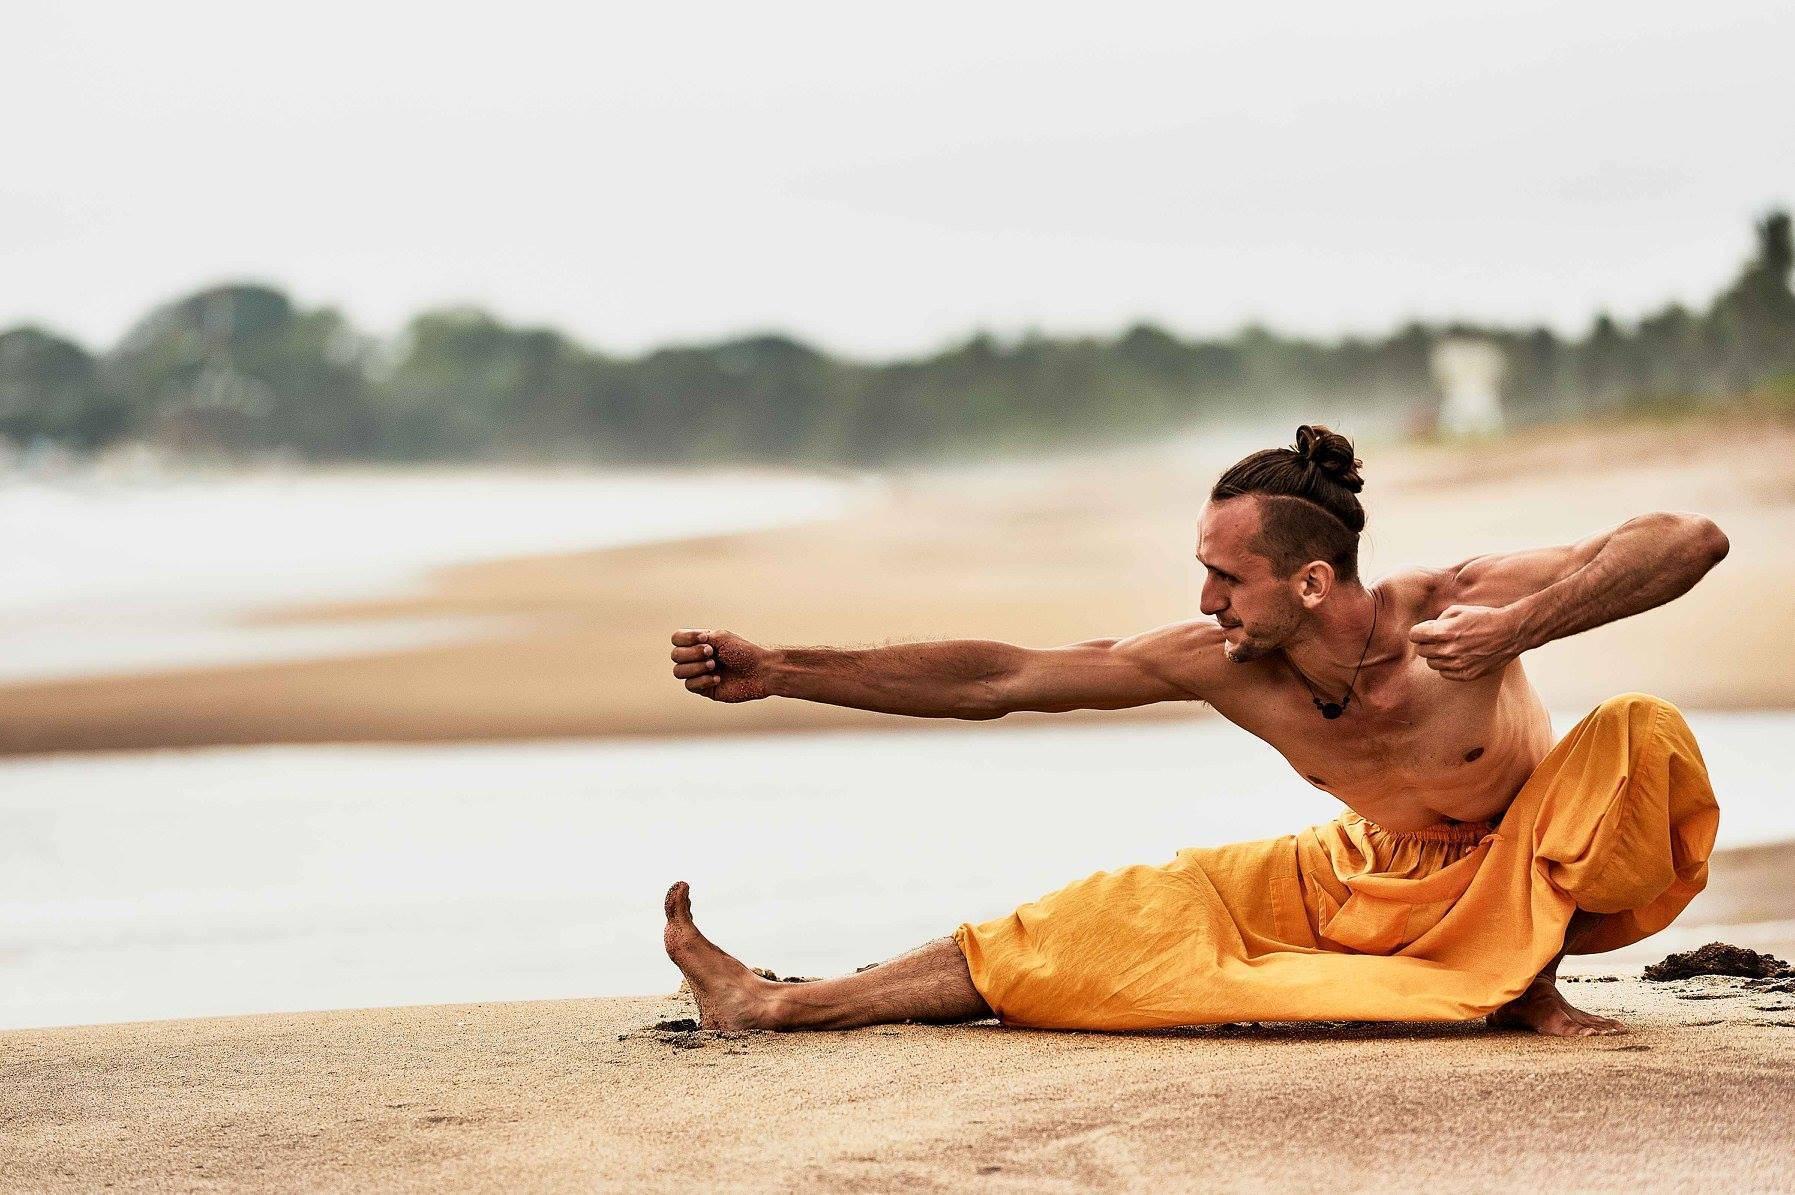 Шаткарма для начинающих: что такое, техники, советы - азбука йоги